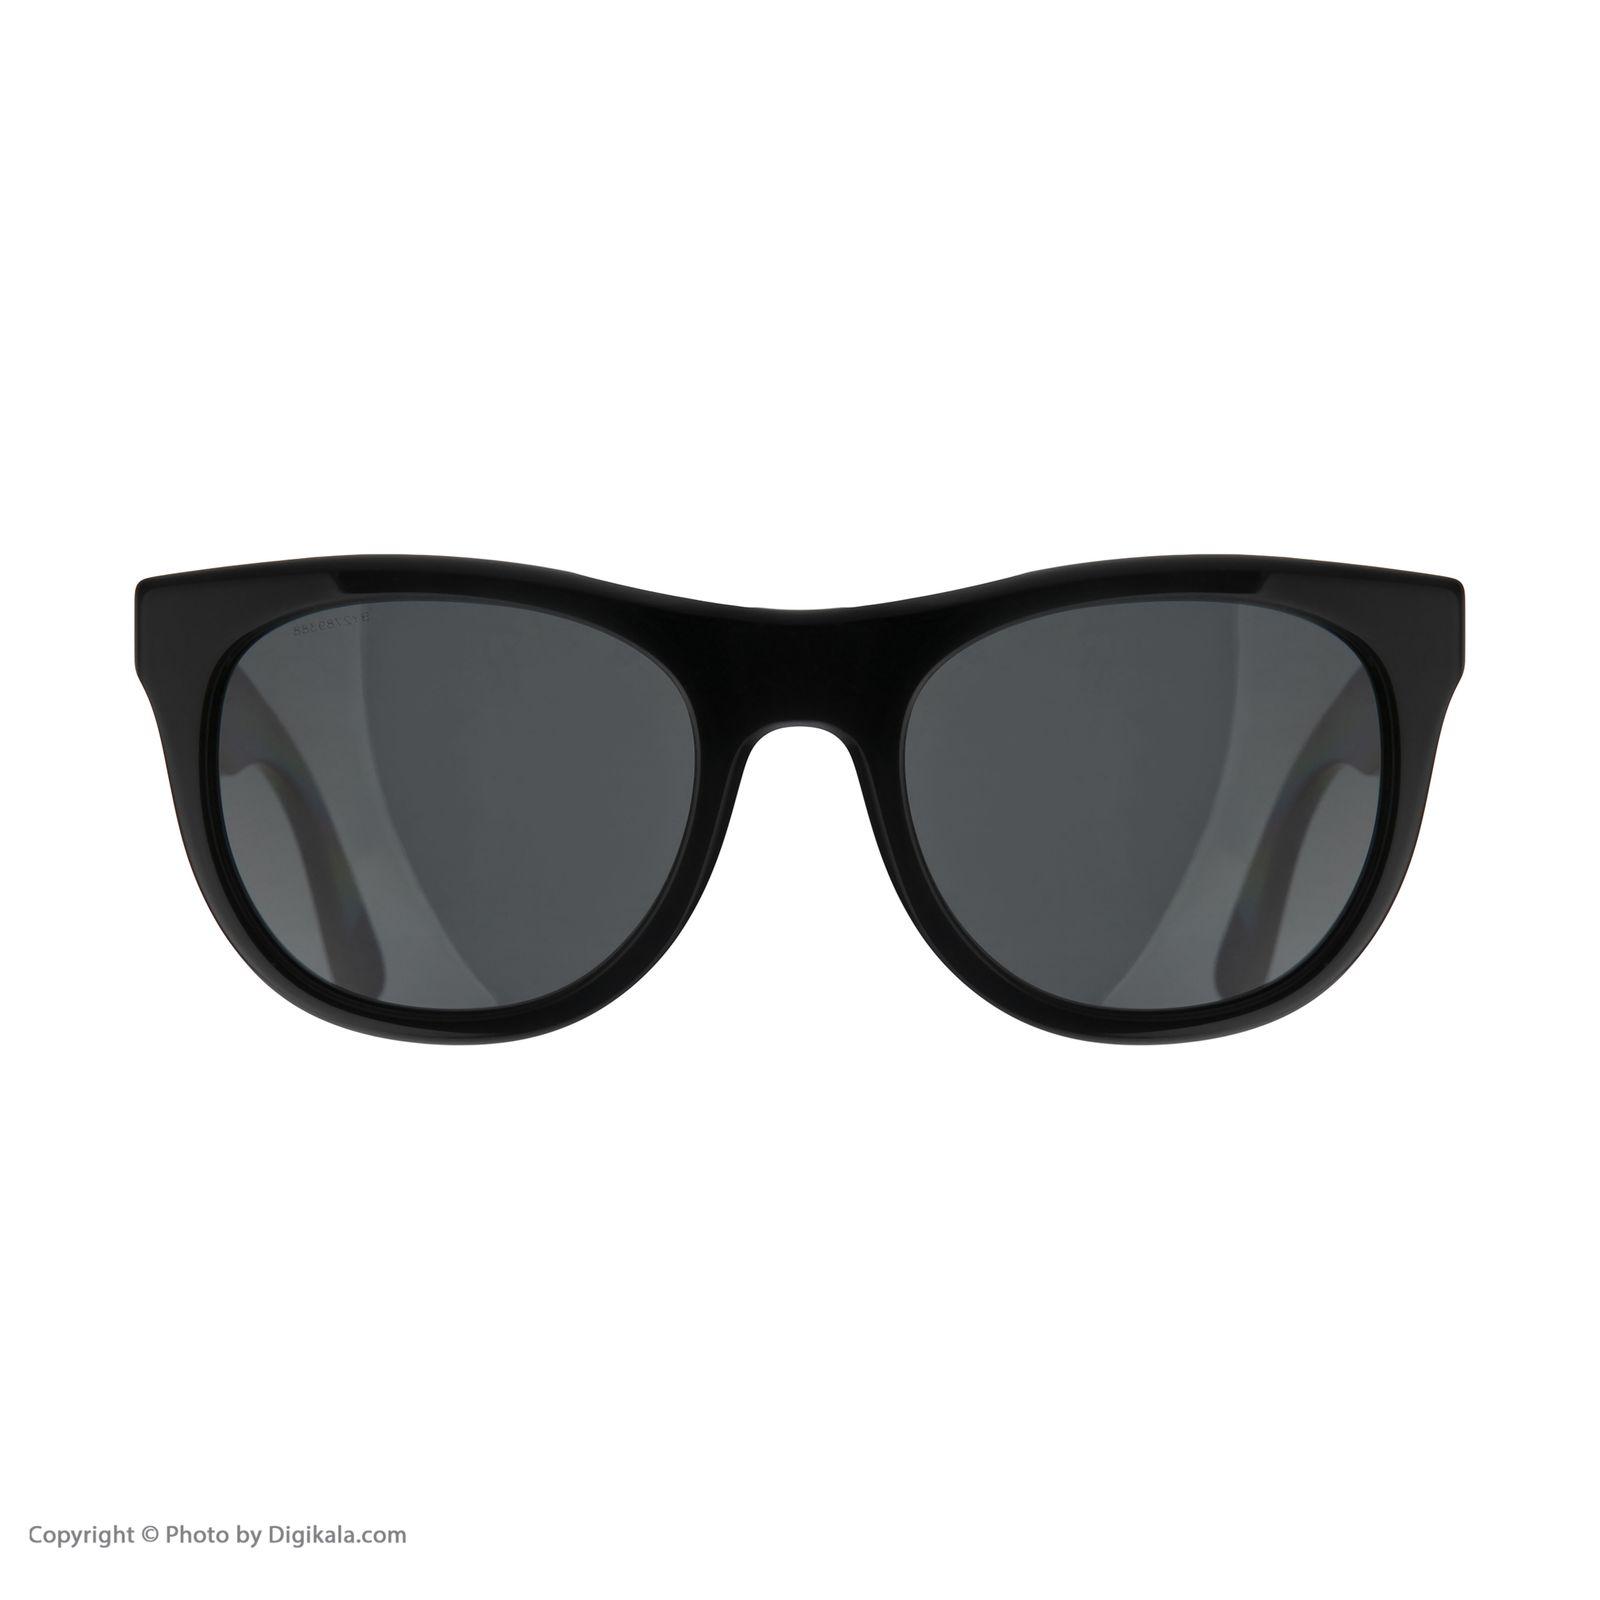 عینک آفتابی مردانه بربری مدل BE 4195S 300187 52 -  - 3